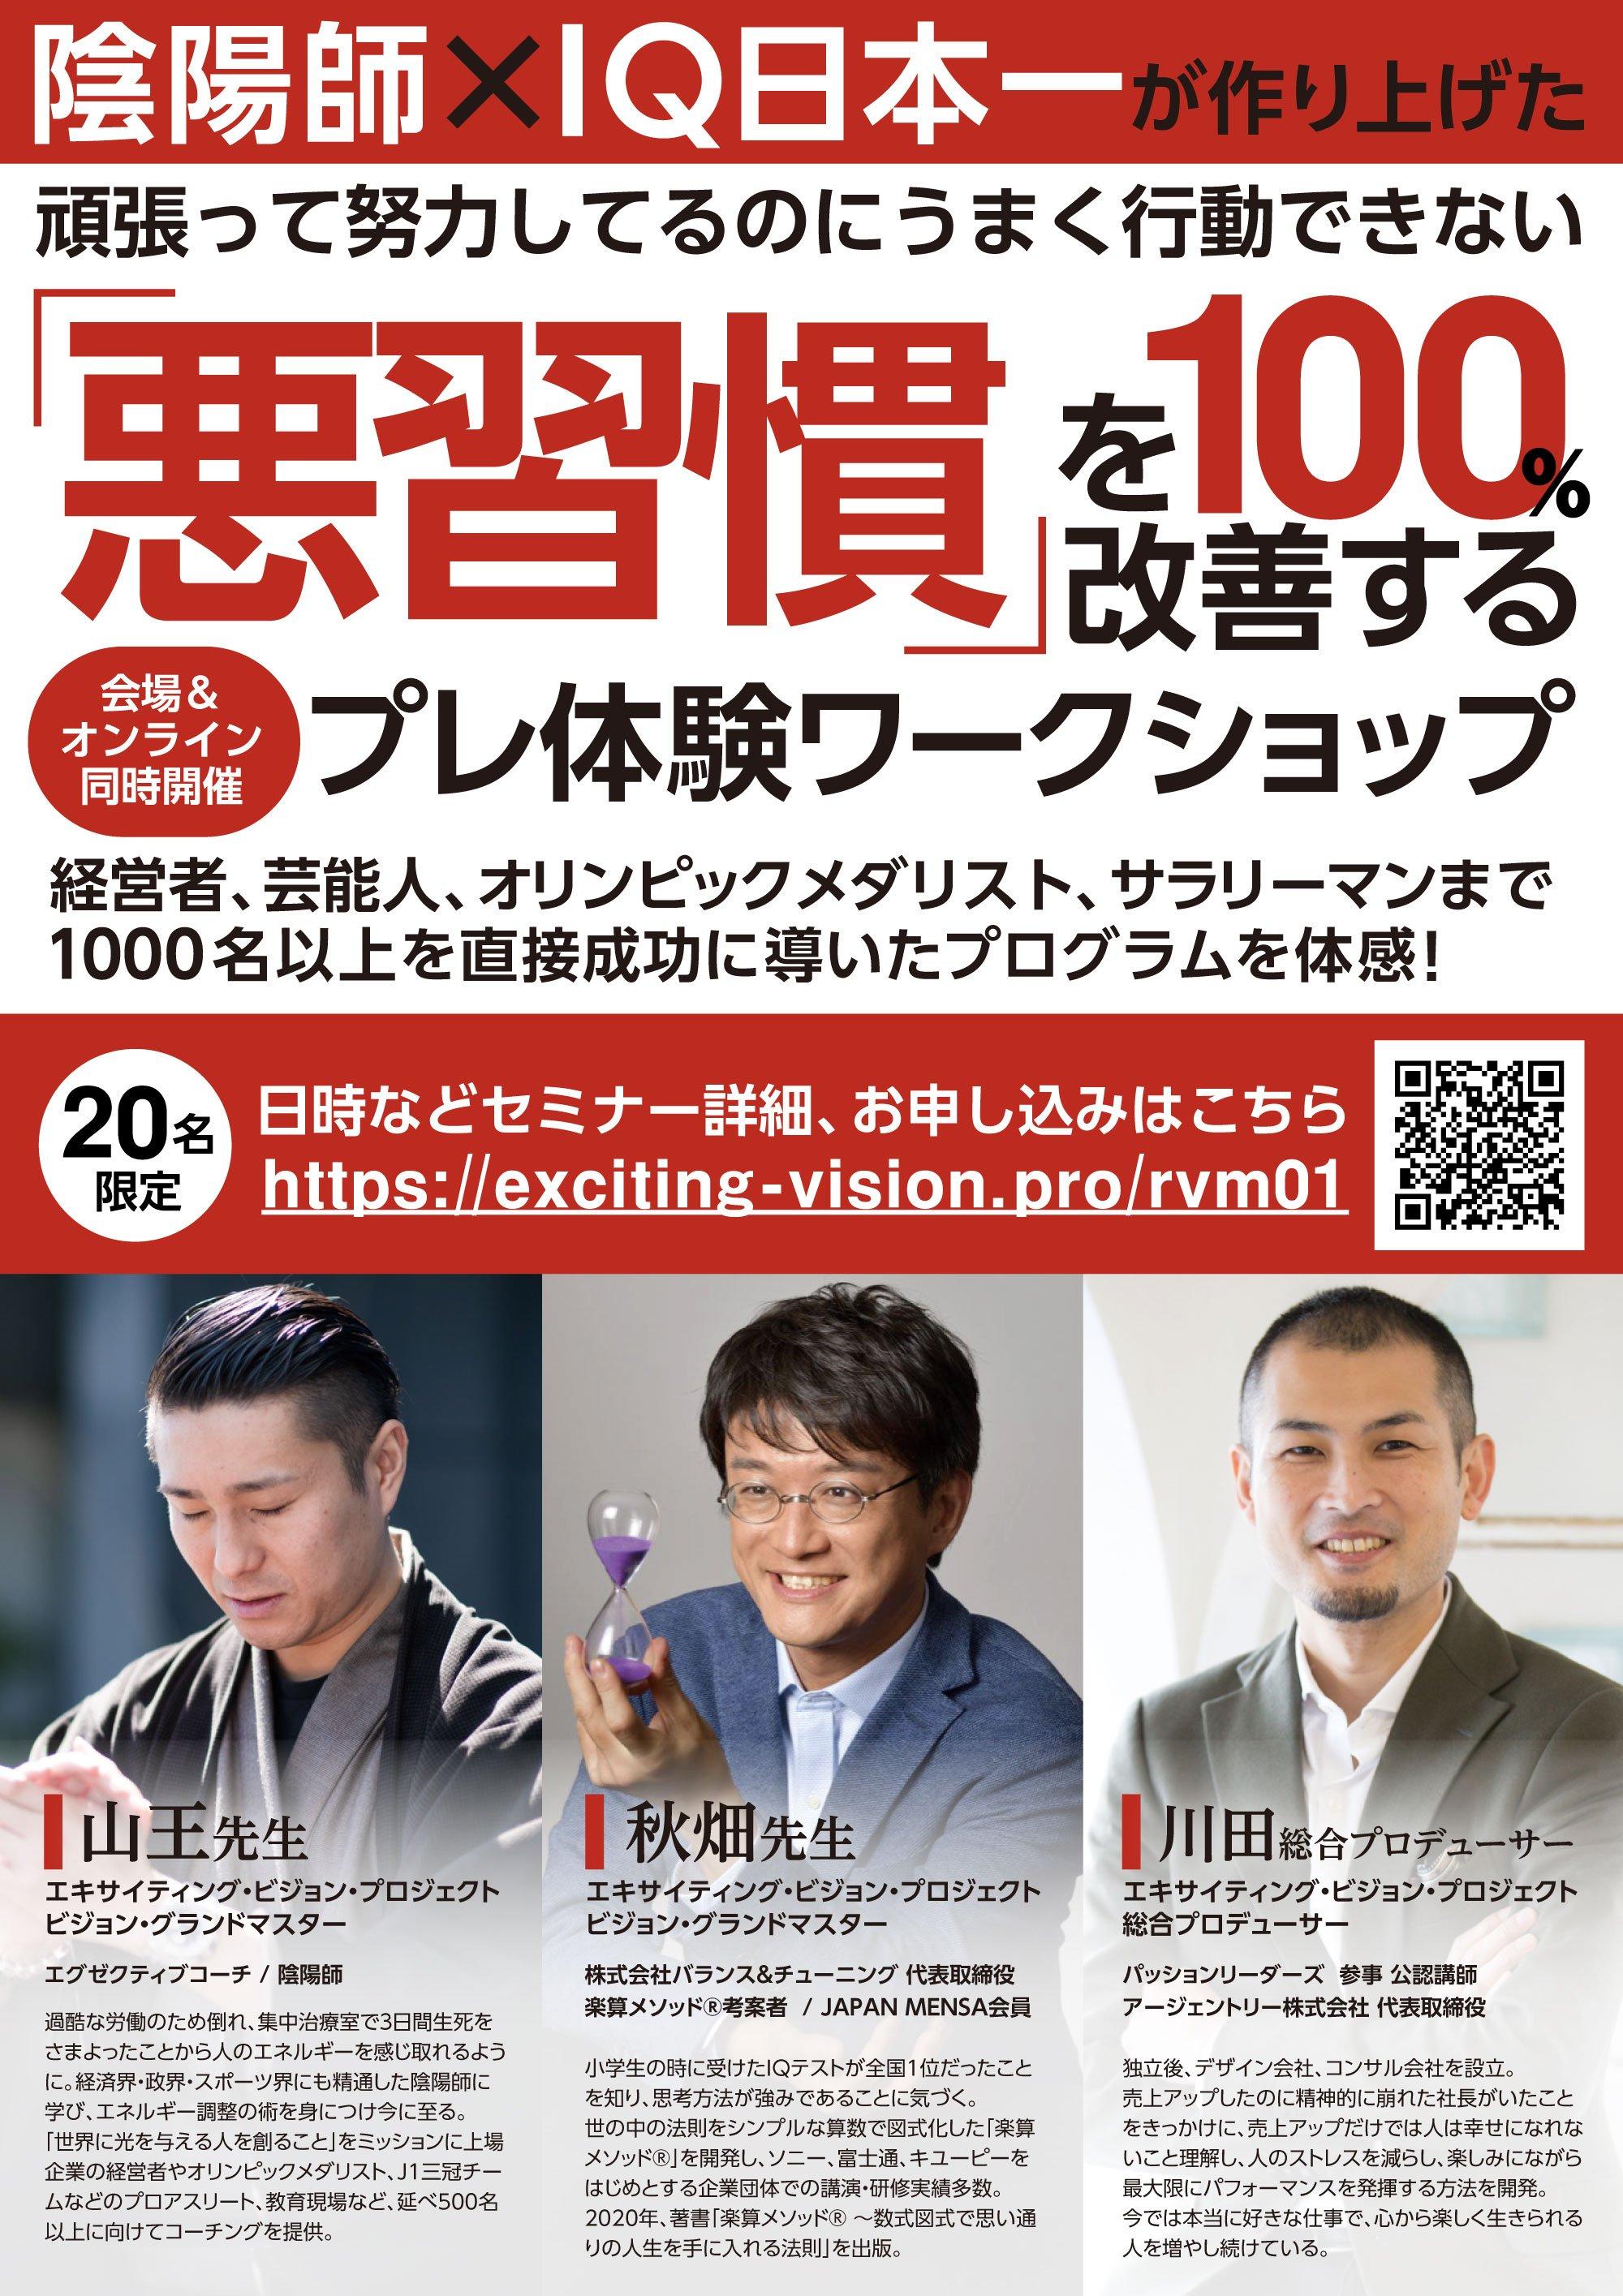 [早割]陰陽師、IQ日本一が作り上げた、頑張って努力してるのにうまく行動できない「悪習慣」を100%改善する~プレ体験~ワークショップのイメージその2